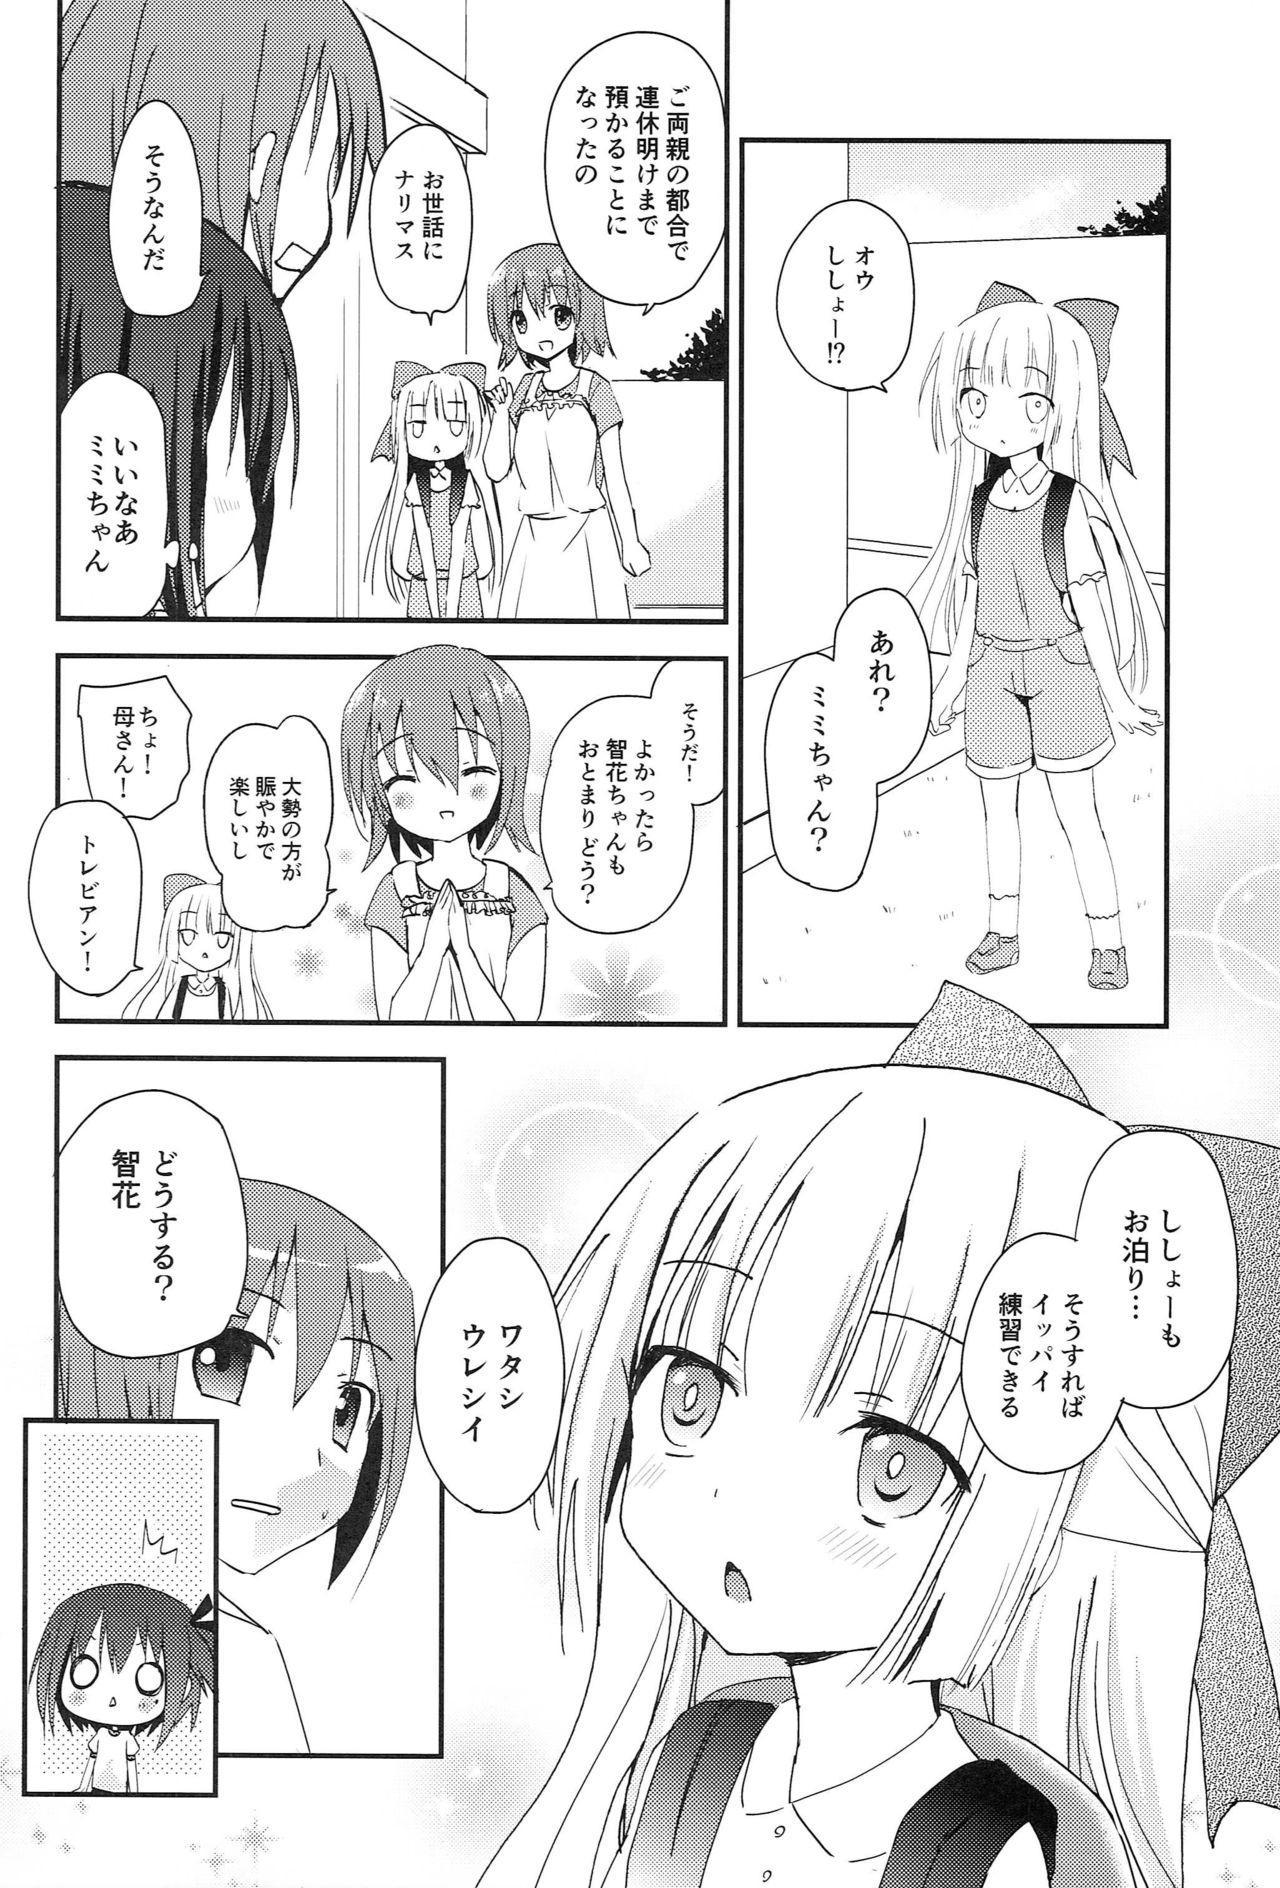 Tomoka to Mimi no Otomari 3P 2